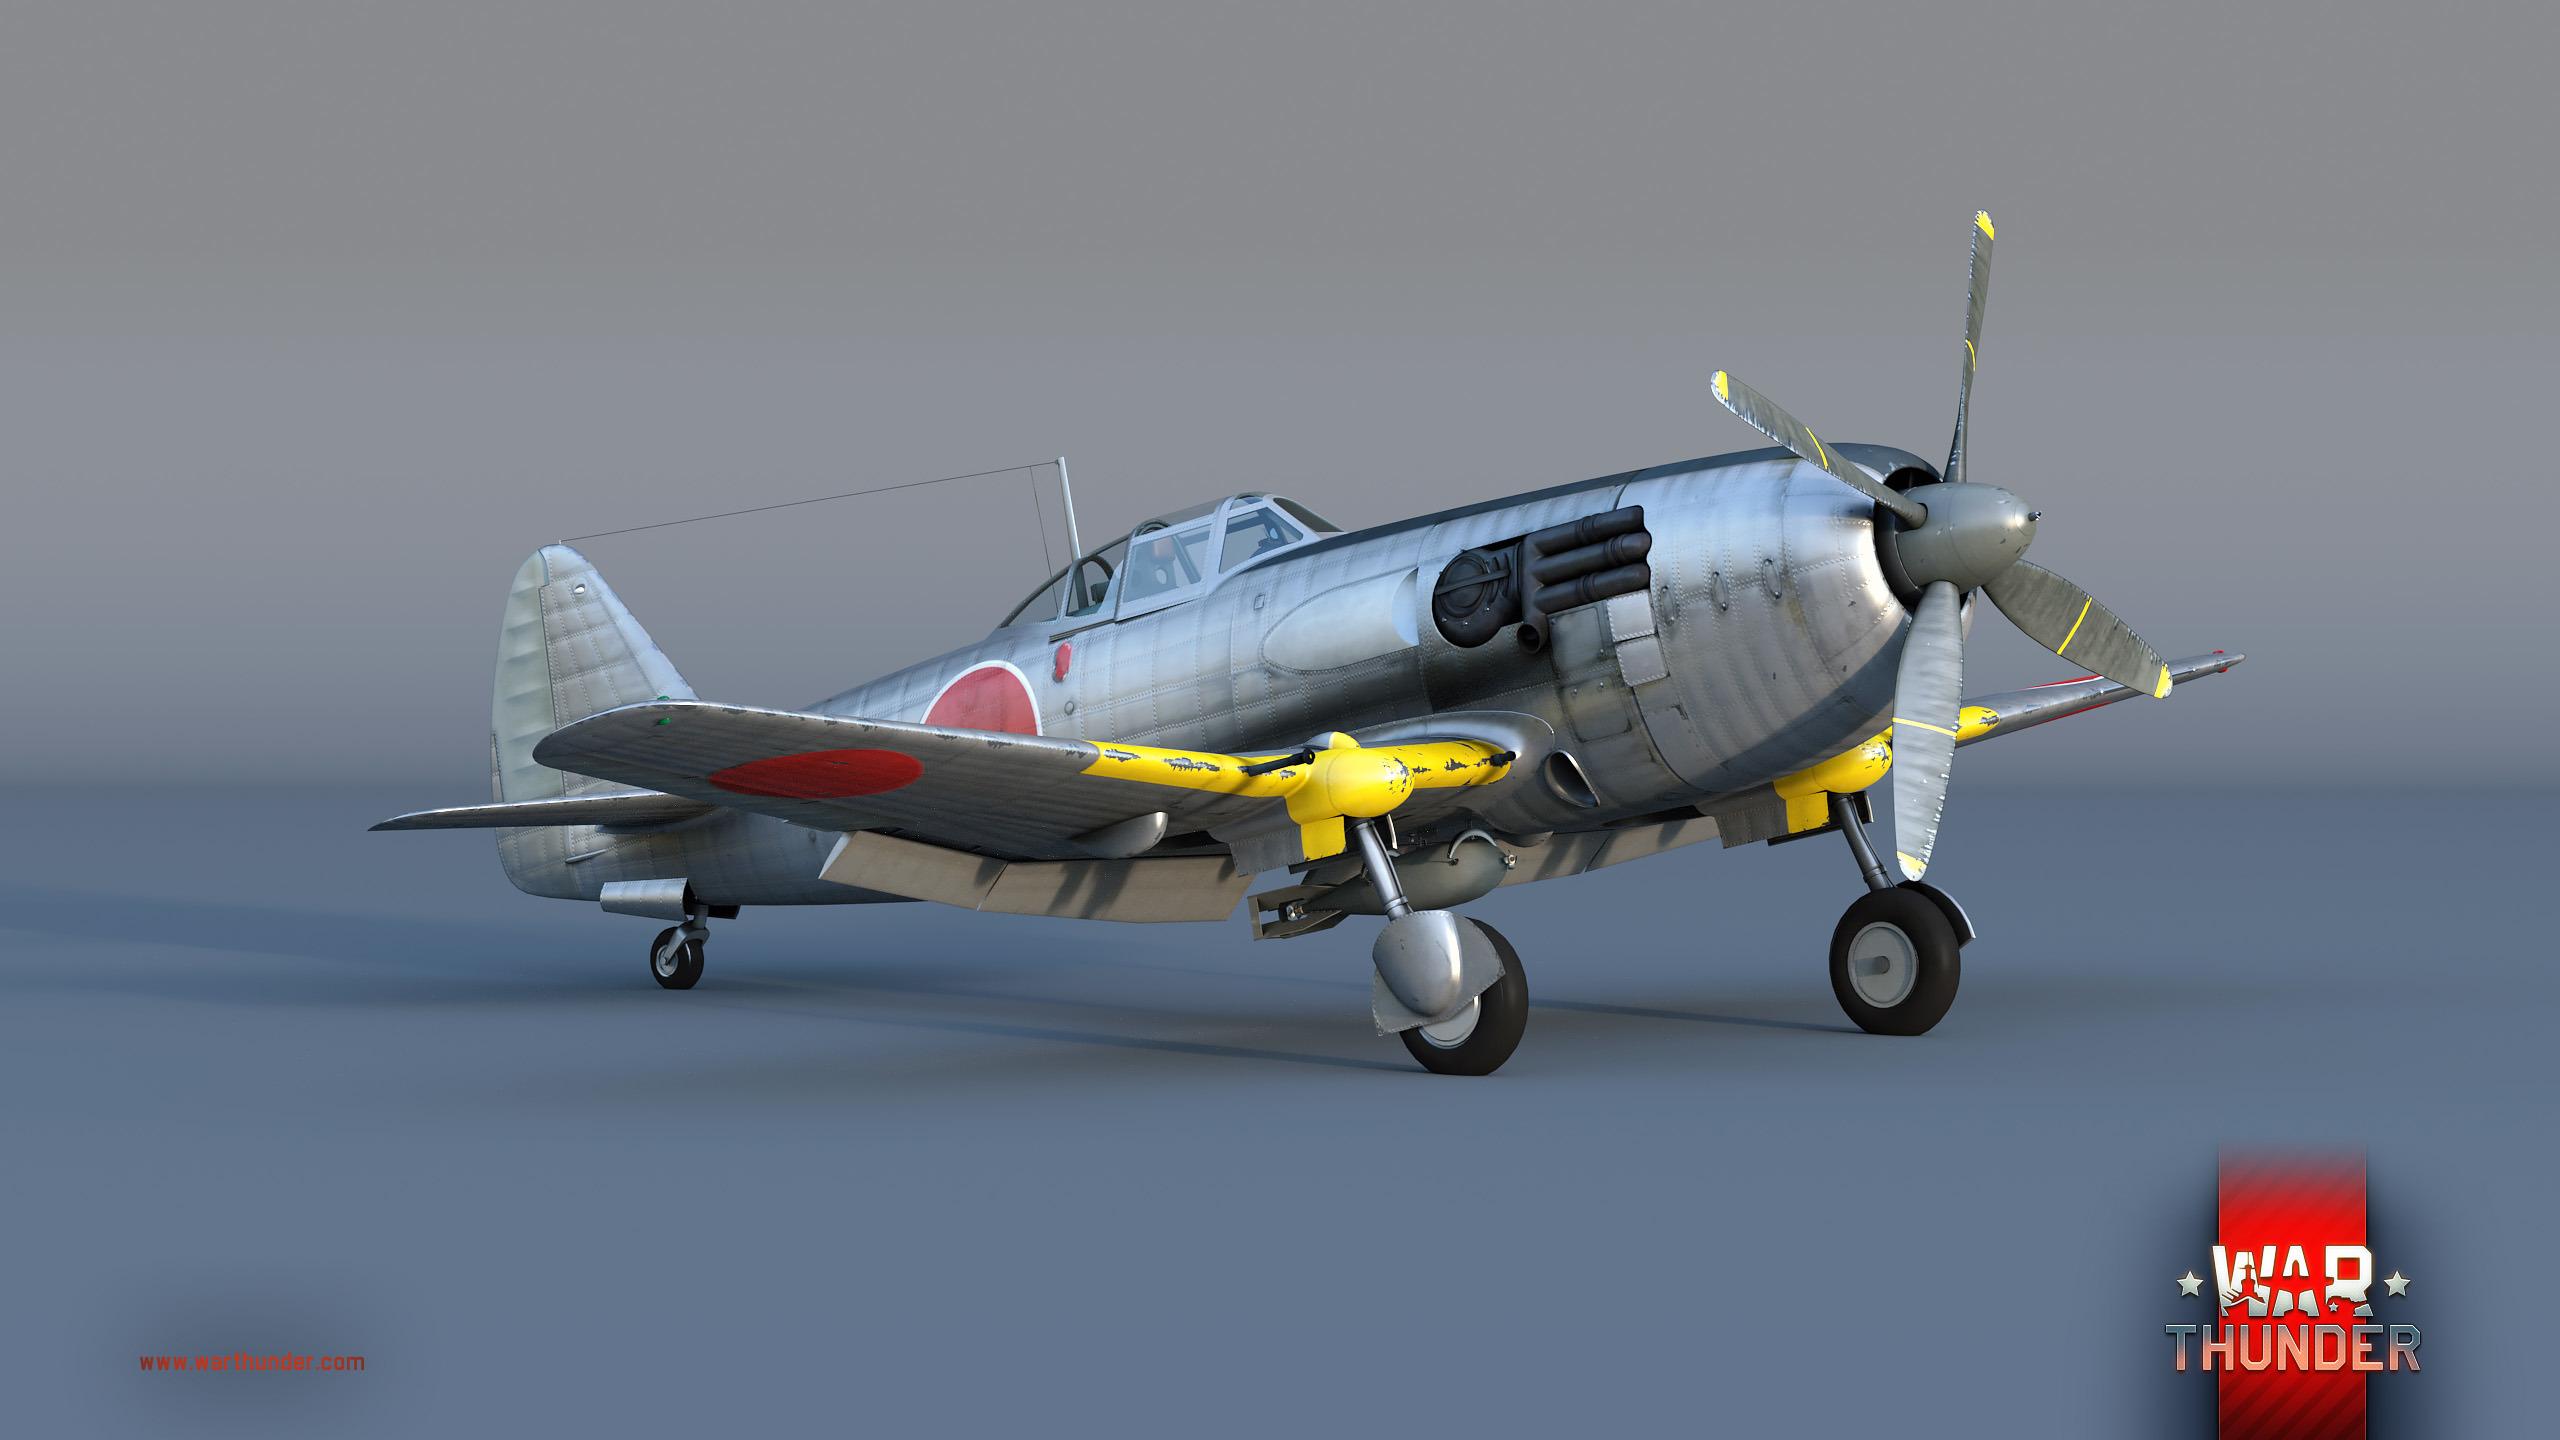 キ87 ターボチャージャーを積んだ空のサムライ War Thunder